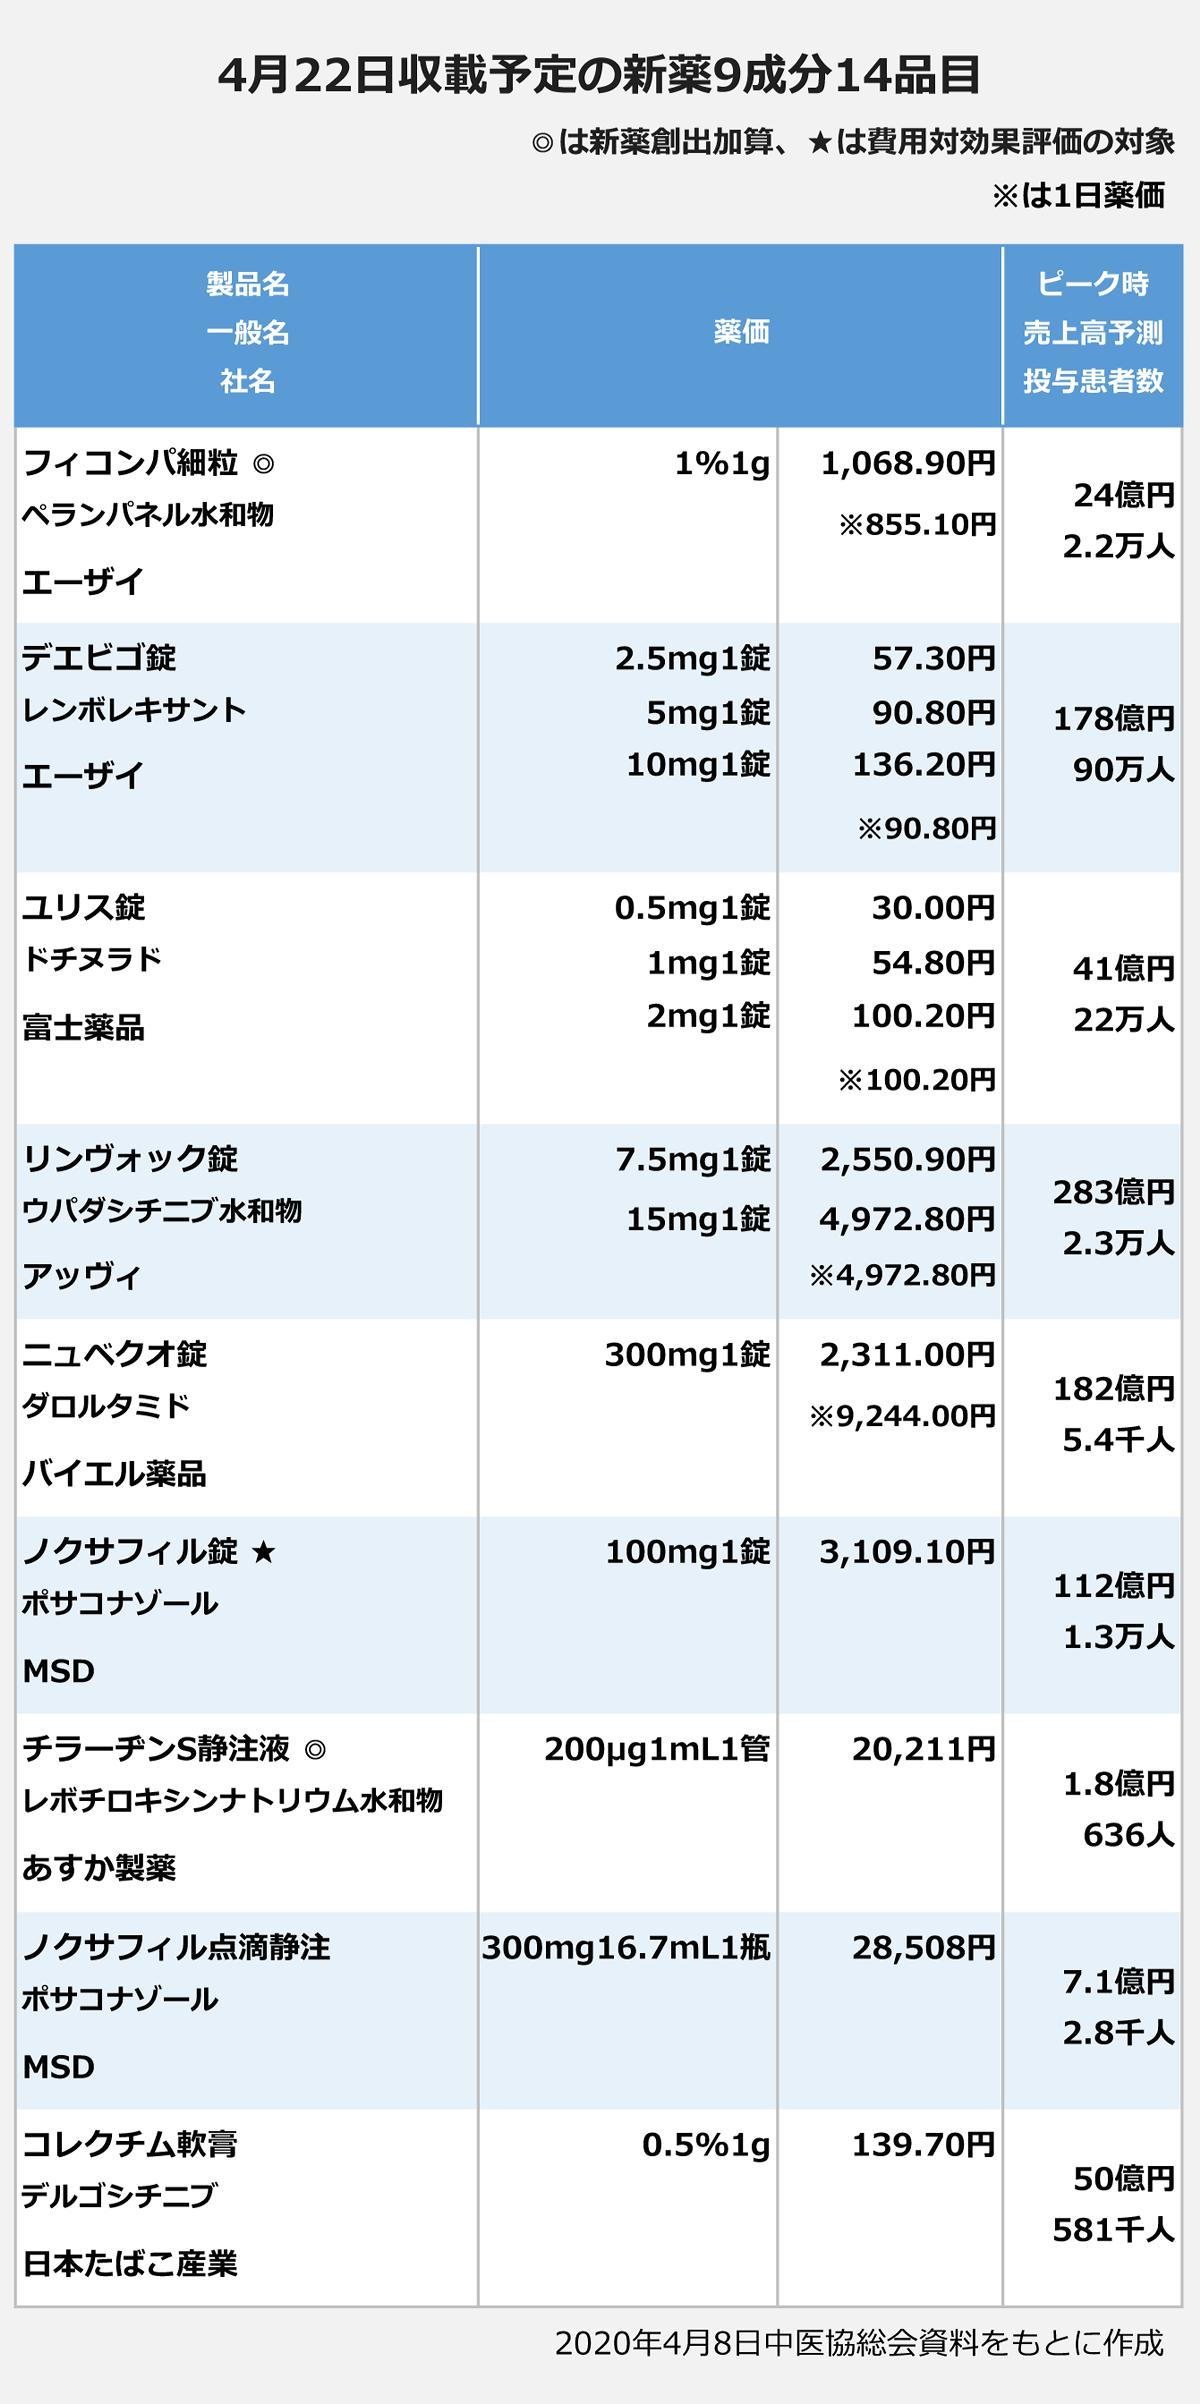 4月22日収載予定の新薬9成分14品目